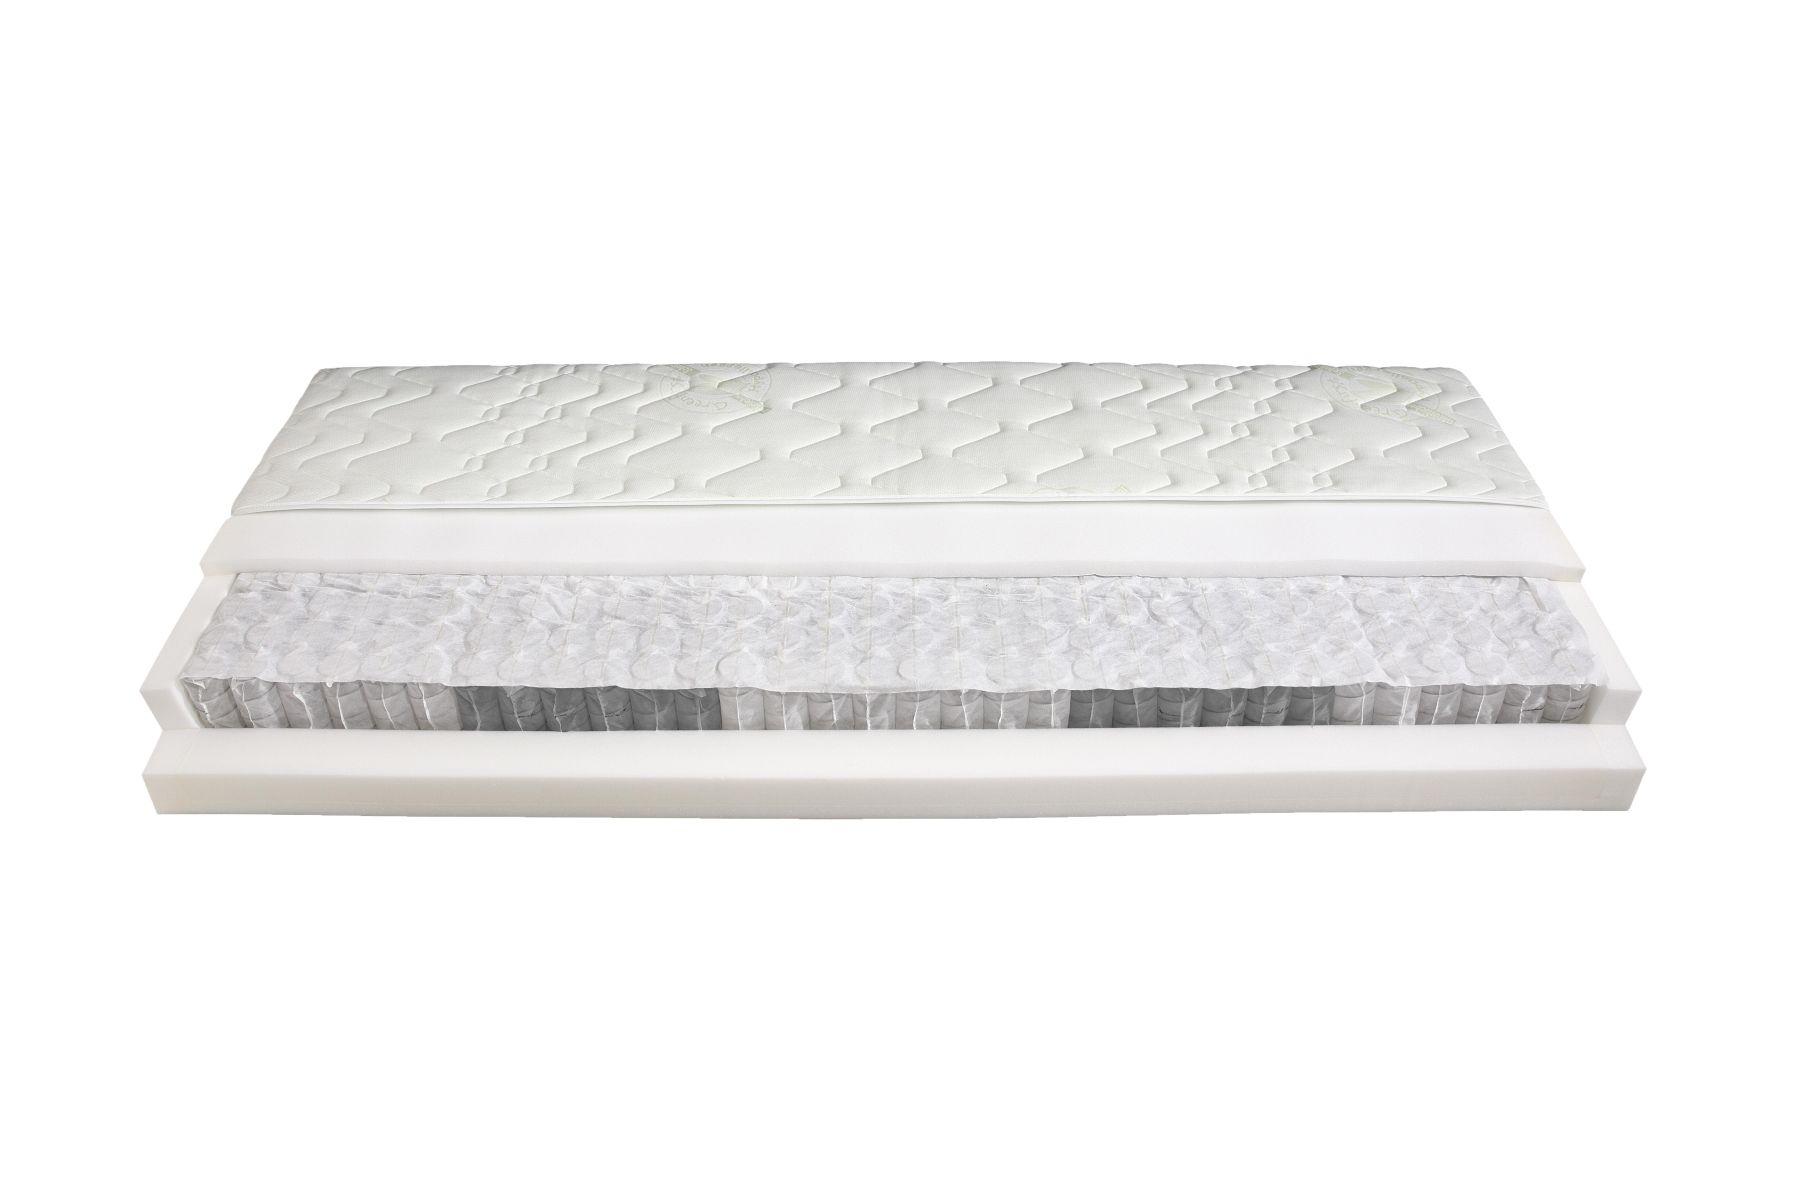 malie taschenfederkern polar greenfirst matratzen u topper eggers deutsche premiumprodukte. Black Bedroom Furniture Sets. Home Design Ideas